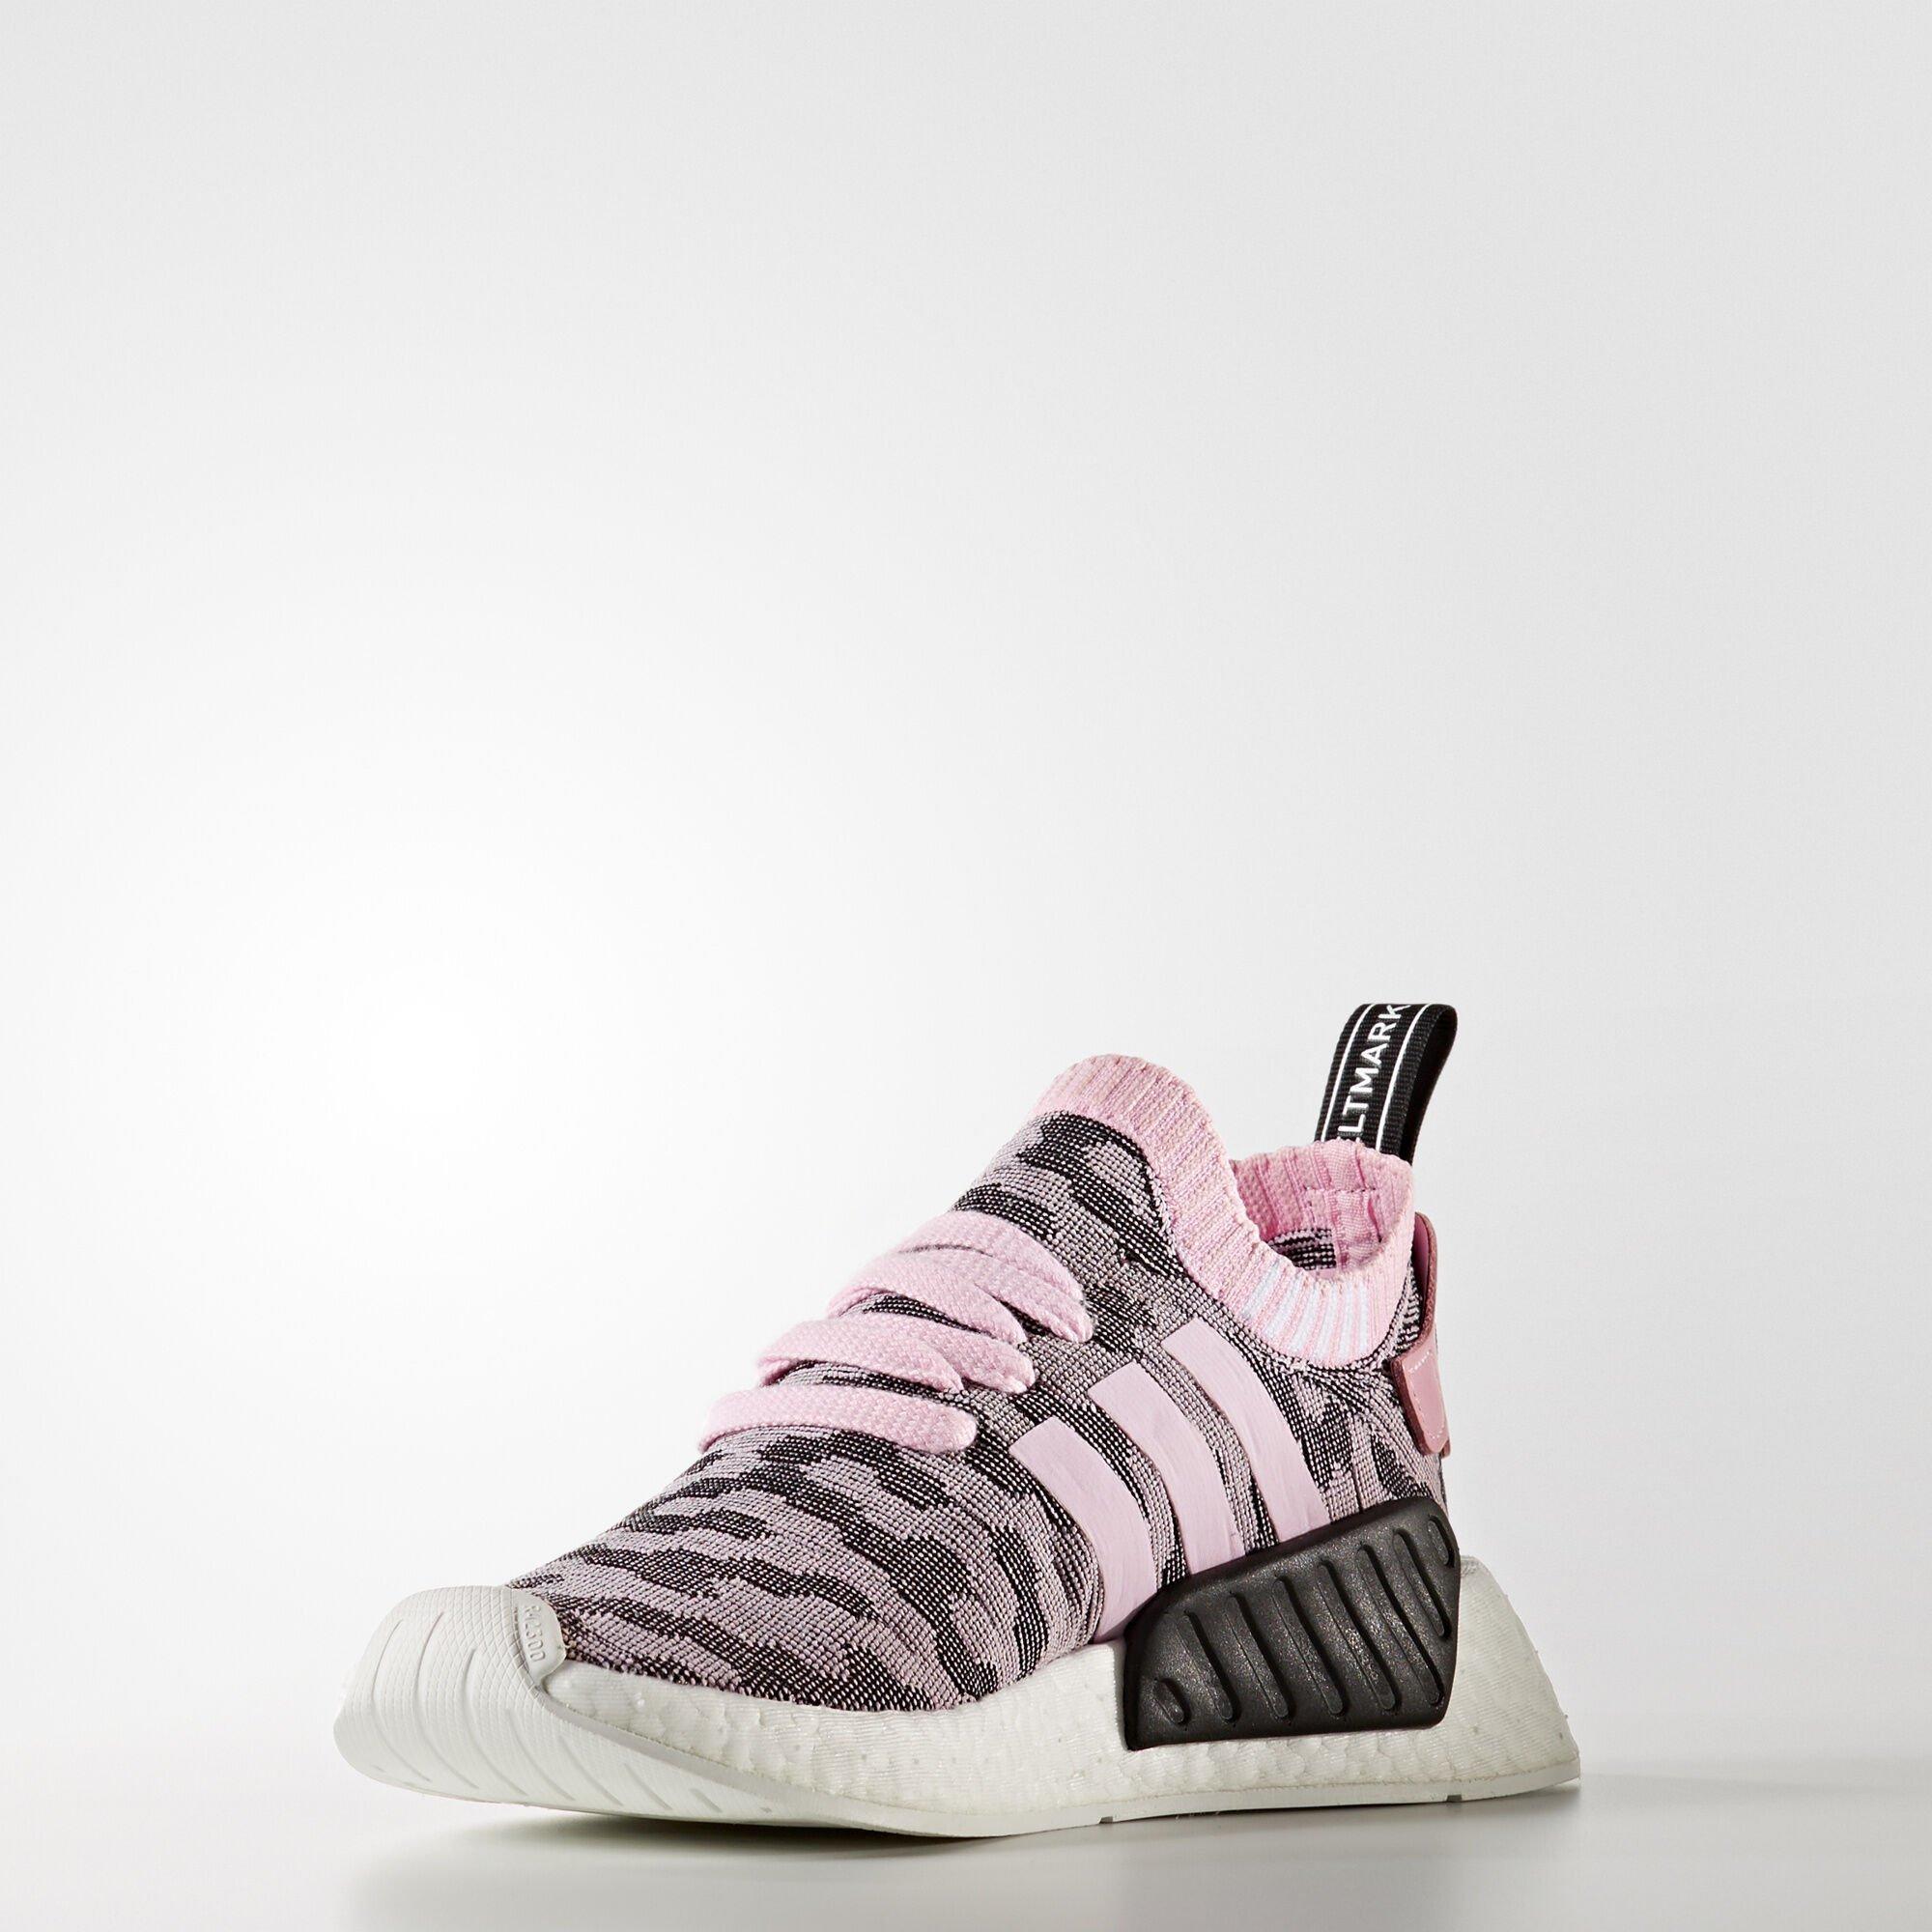 adidas  NMD R2 Wonder Pink Black (W) (BY9521)